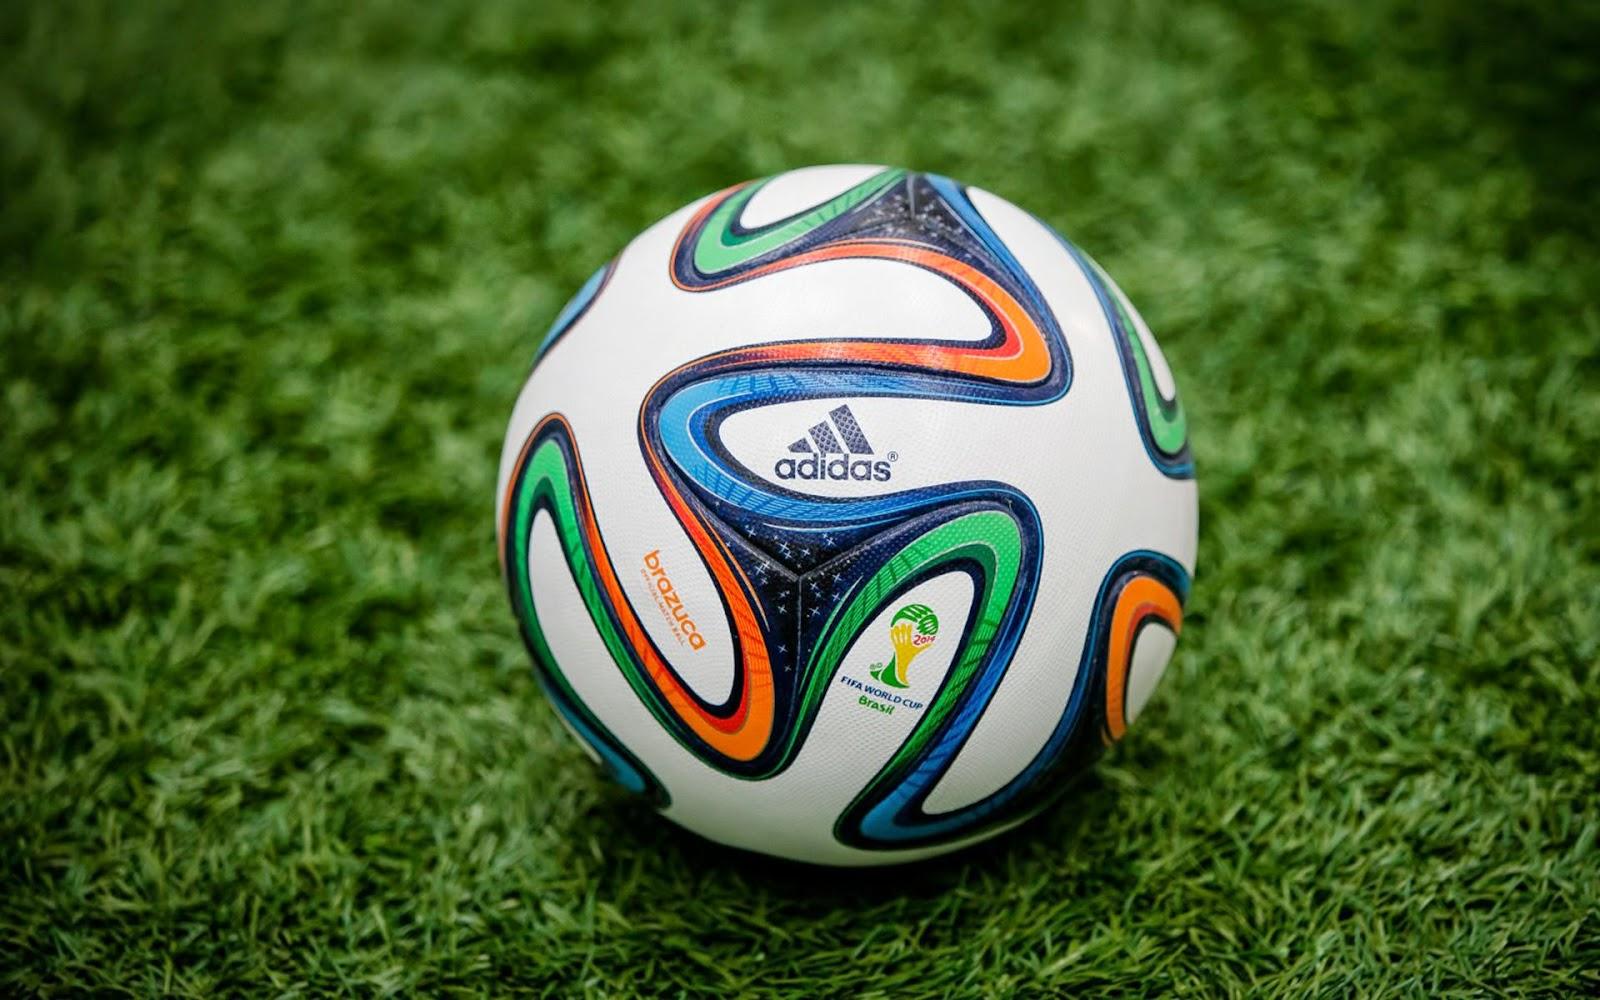 https://1.bp.blogspot.com/-lUDWEshqx9k/U6bvVbZqK0I/AAAAAAAAZ3M/qGTlTazfy00/s1600/Ball-World-Cup-Brazil-2014-Wallpaper-HD.jpg